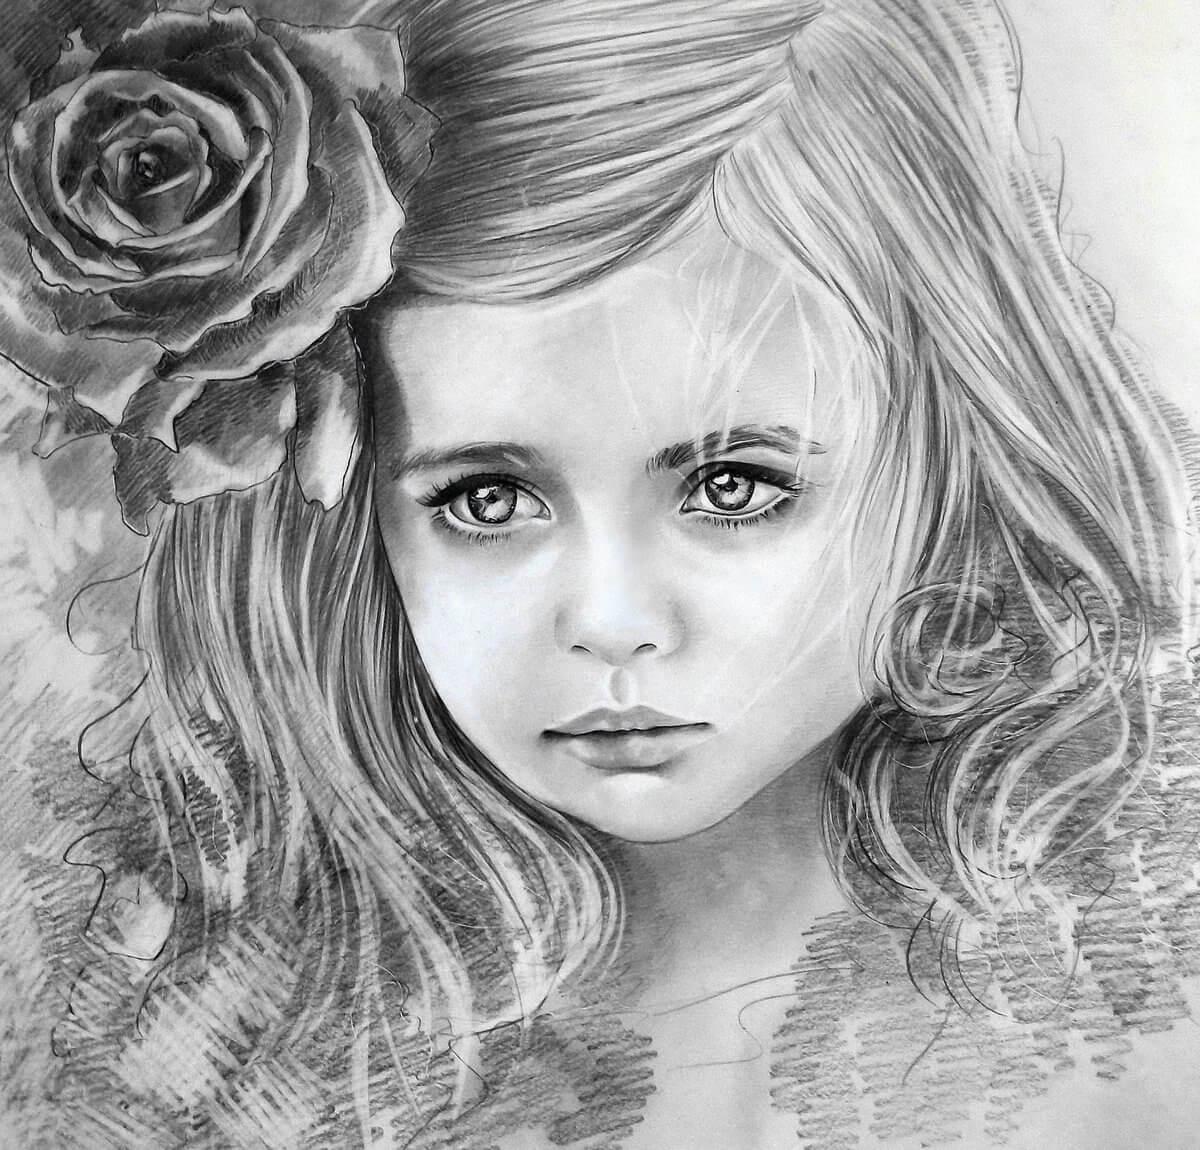 Красивые картинки карандашом девушек и девочек - подборка 13